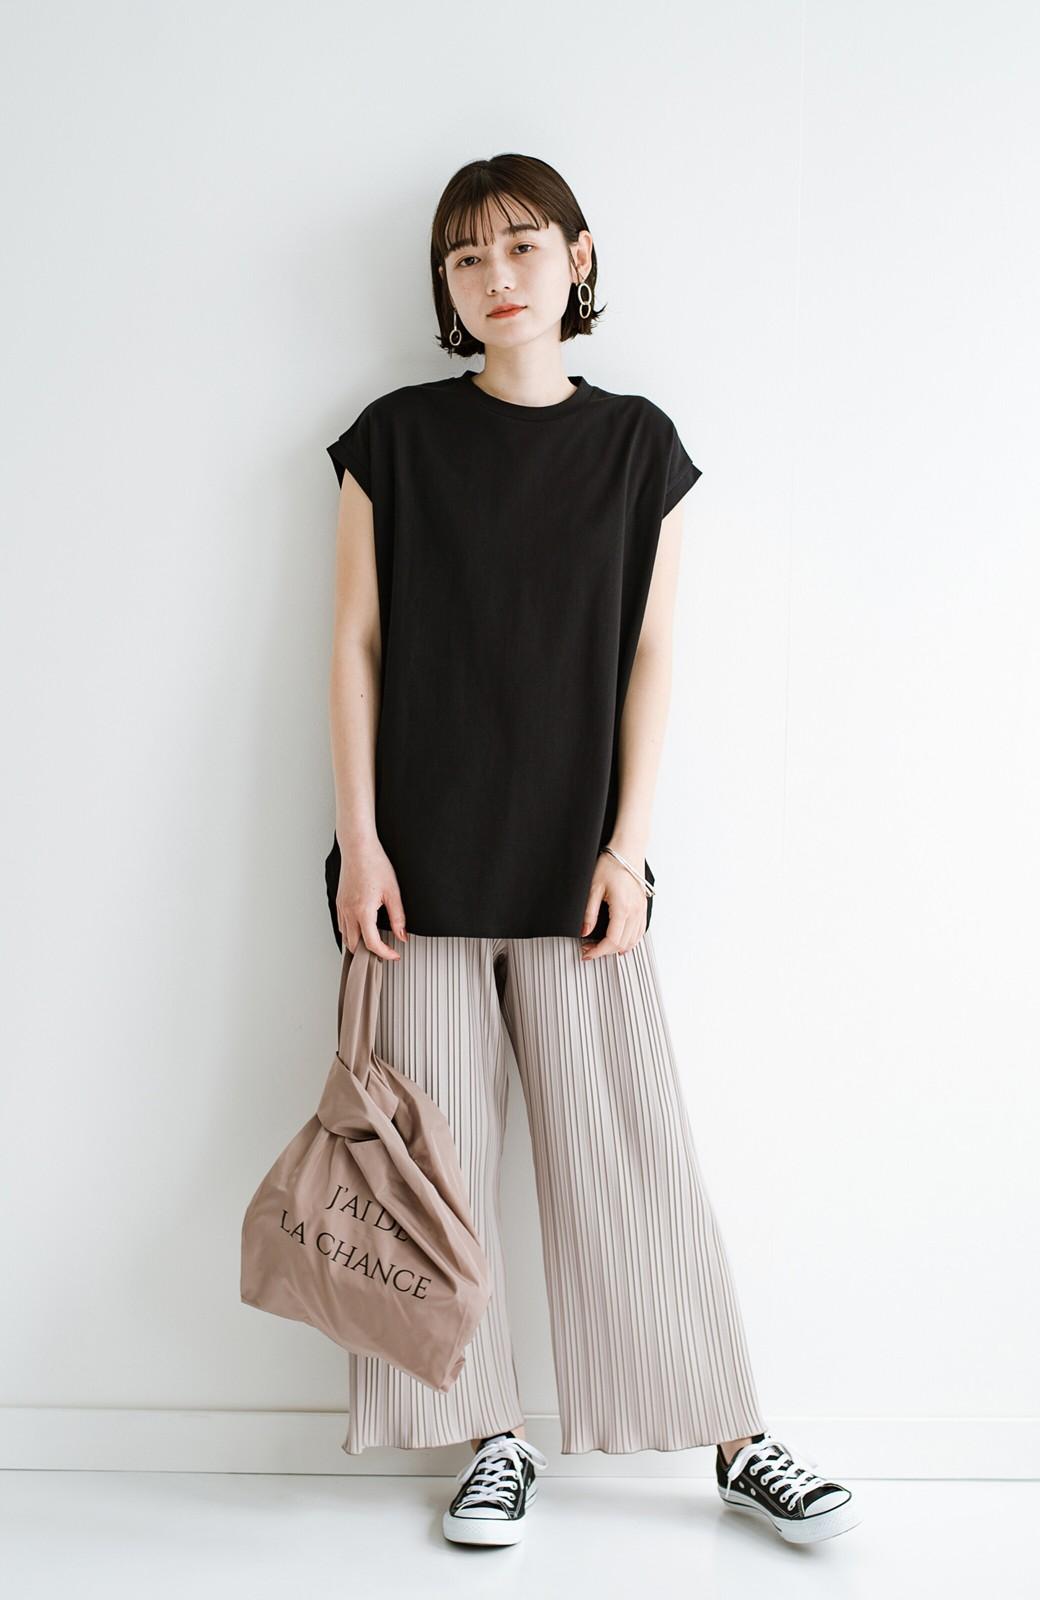 haco! 大人のTシャツこれならいける?!ちょい袖でかっこよく見せるTシャツ by que made me + PBP <ブラック>の商品写真7